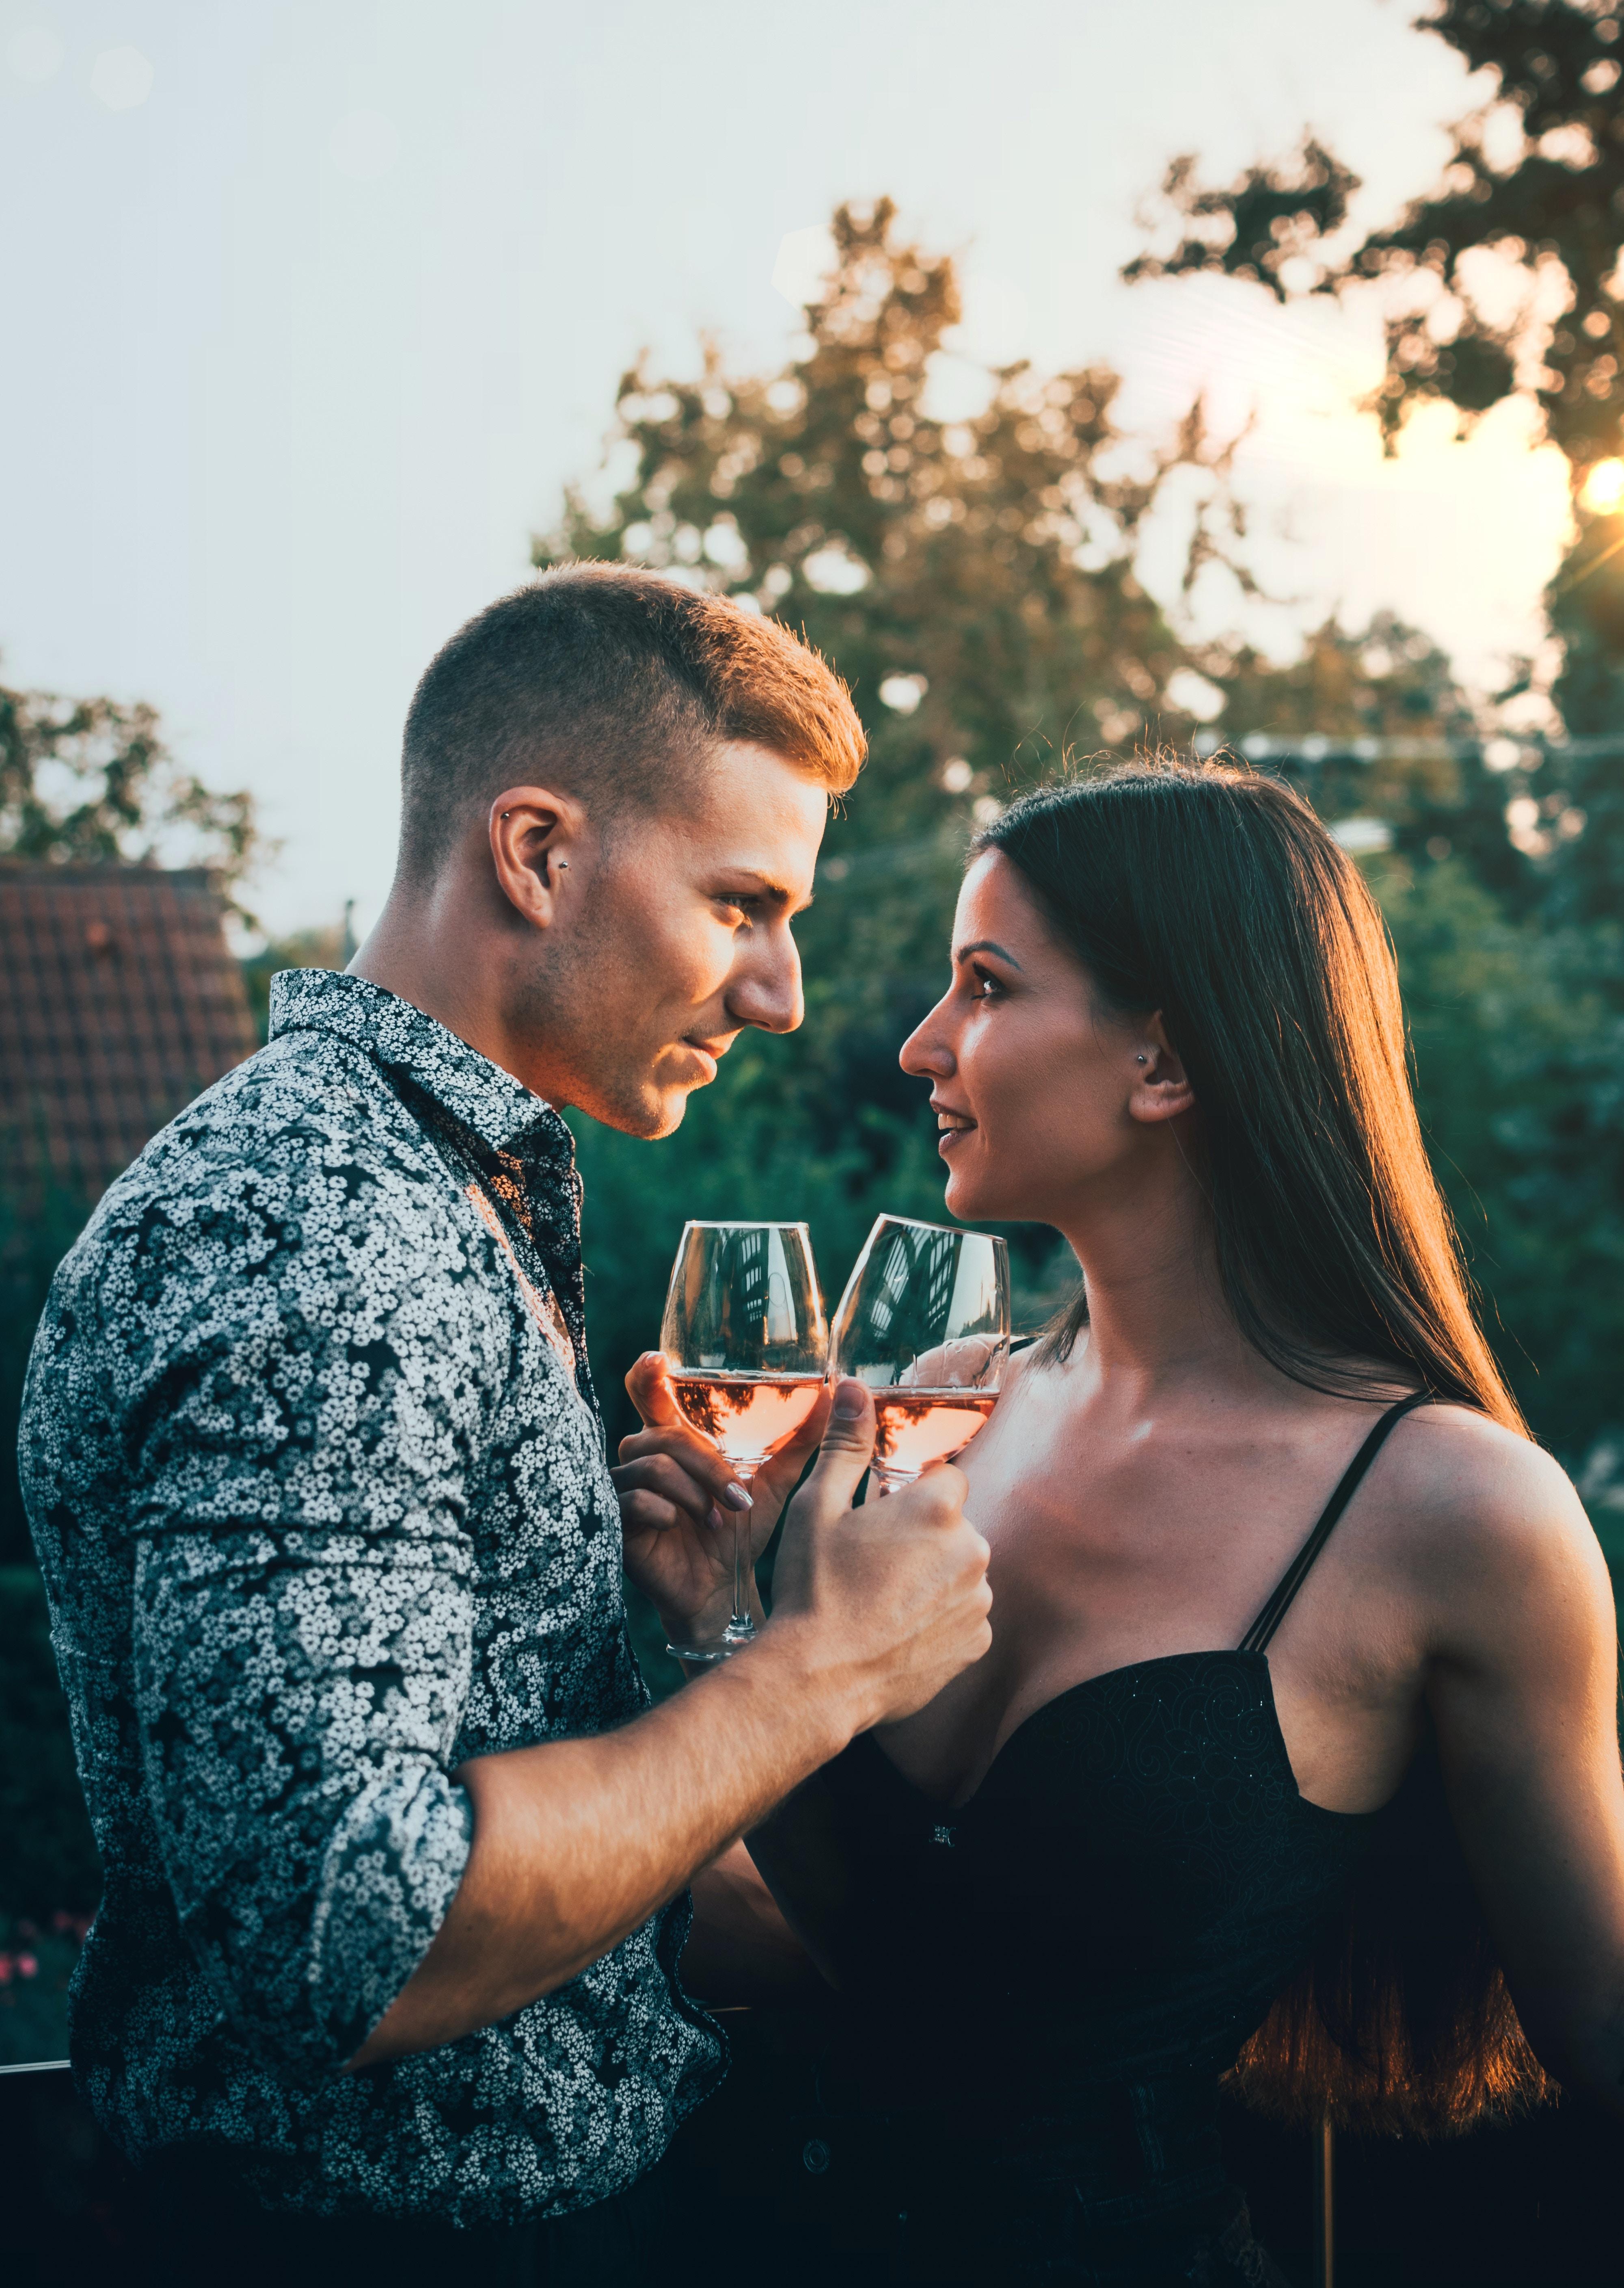 regels voor dating een muzikant